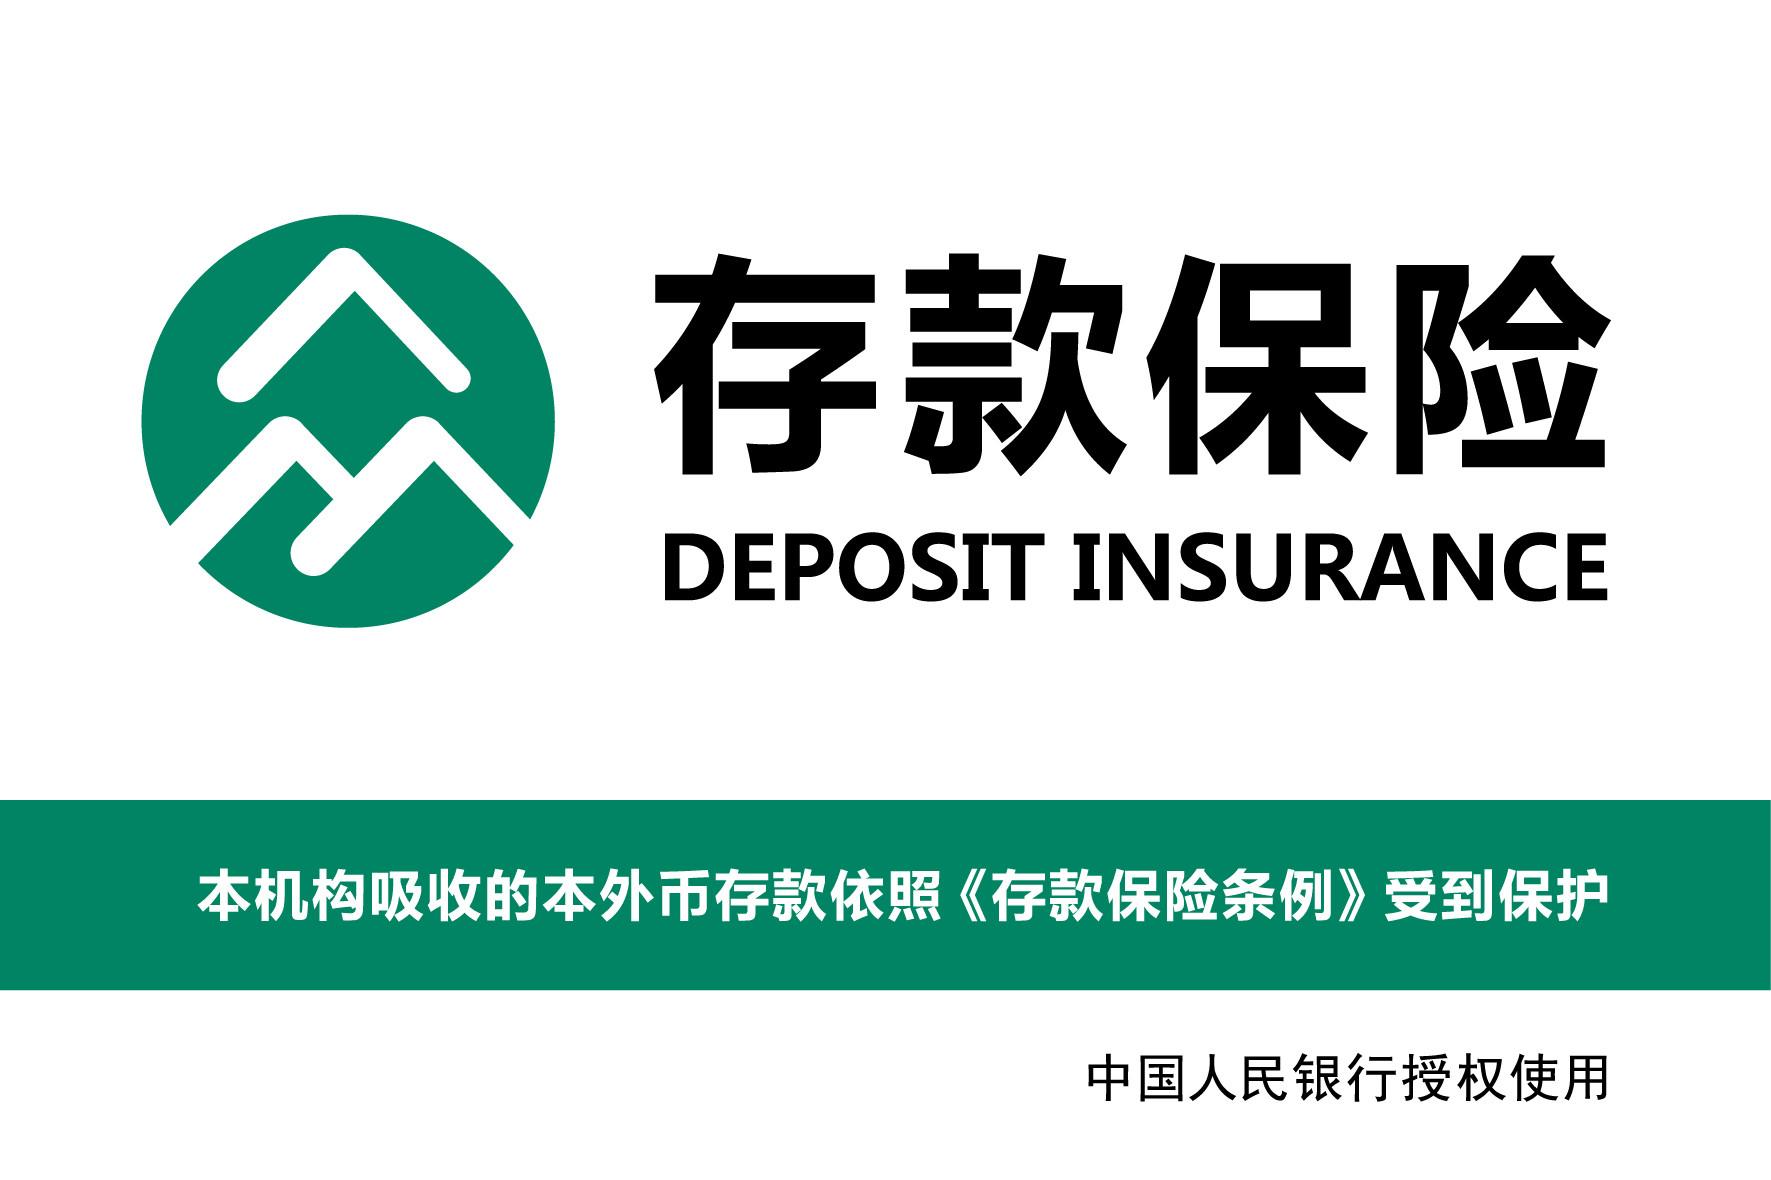 央行,存款保险标识具有直观